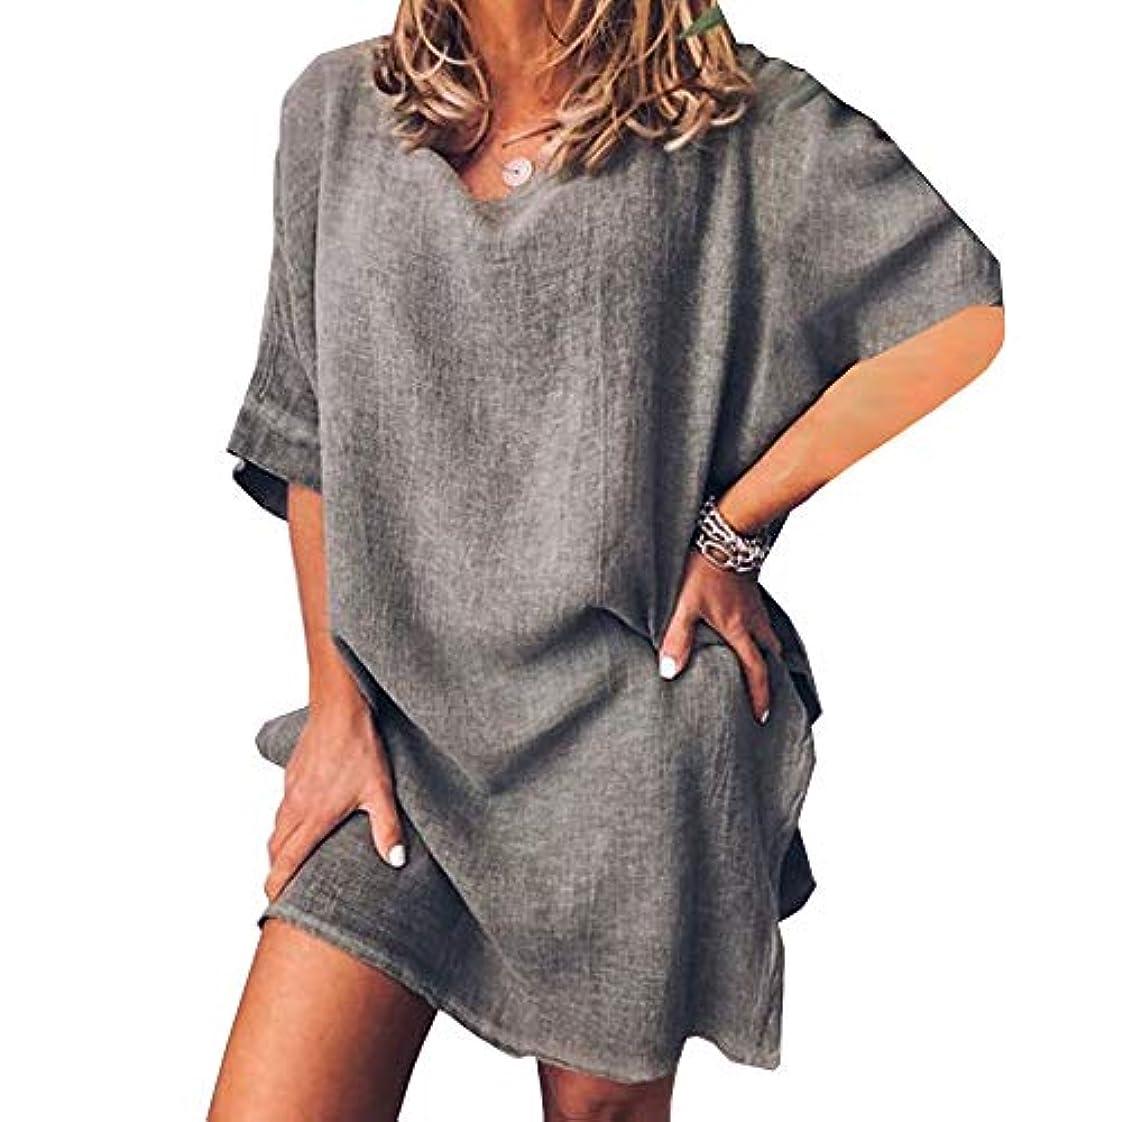 誤光電新しい意味MIFAN サマードレス、ビーチドレス、ルーズドレス、プラスサイズ、リネンドレス、トップス&ブラウス、女性ドレス、カジュアルドレス